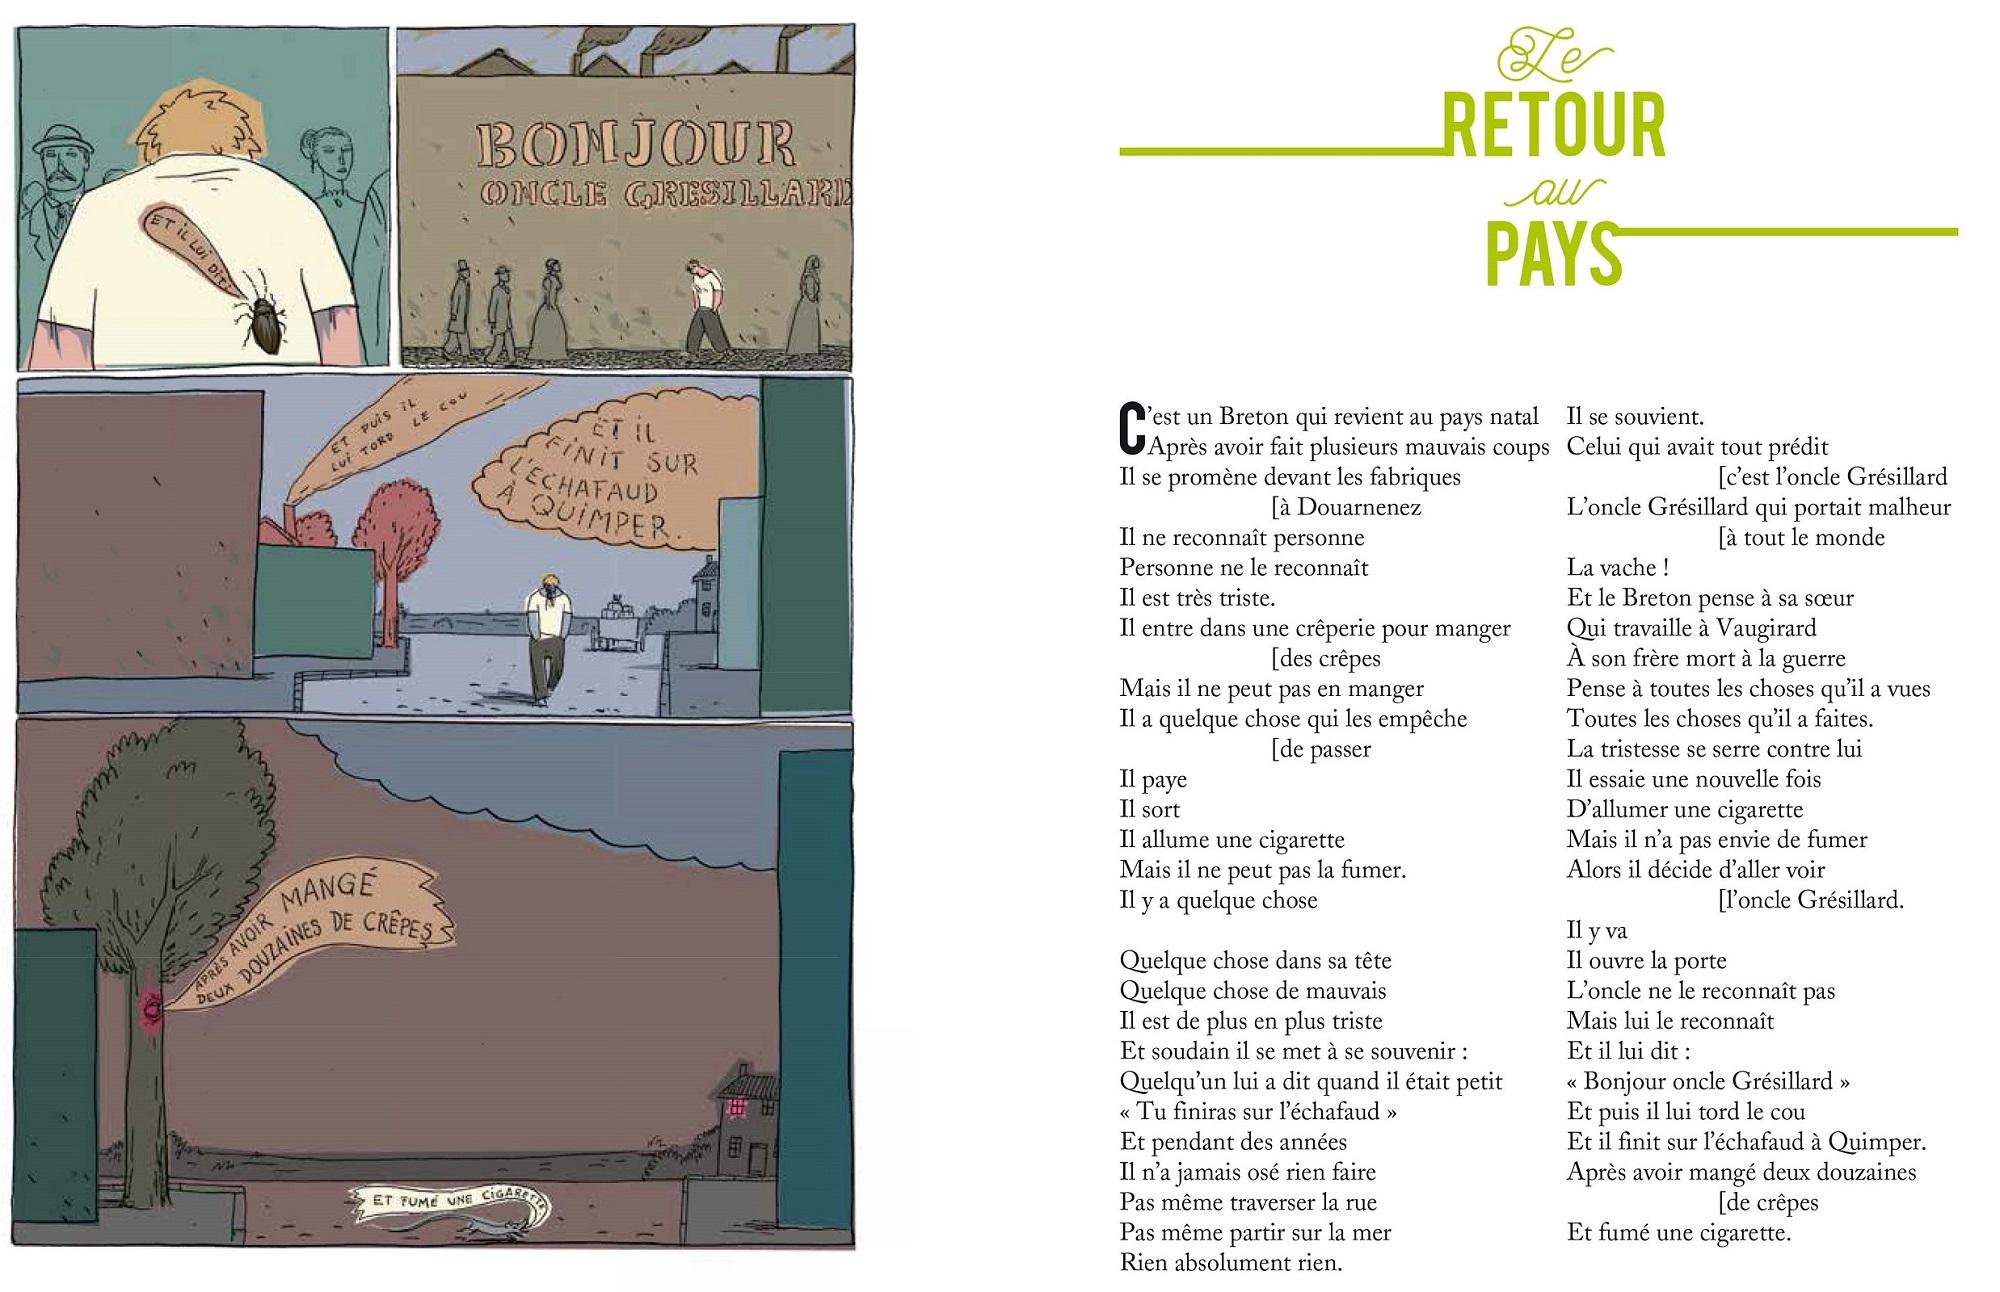 Retour au pays, poème de Jacques Prévert